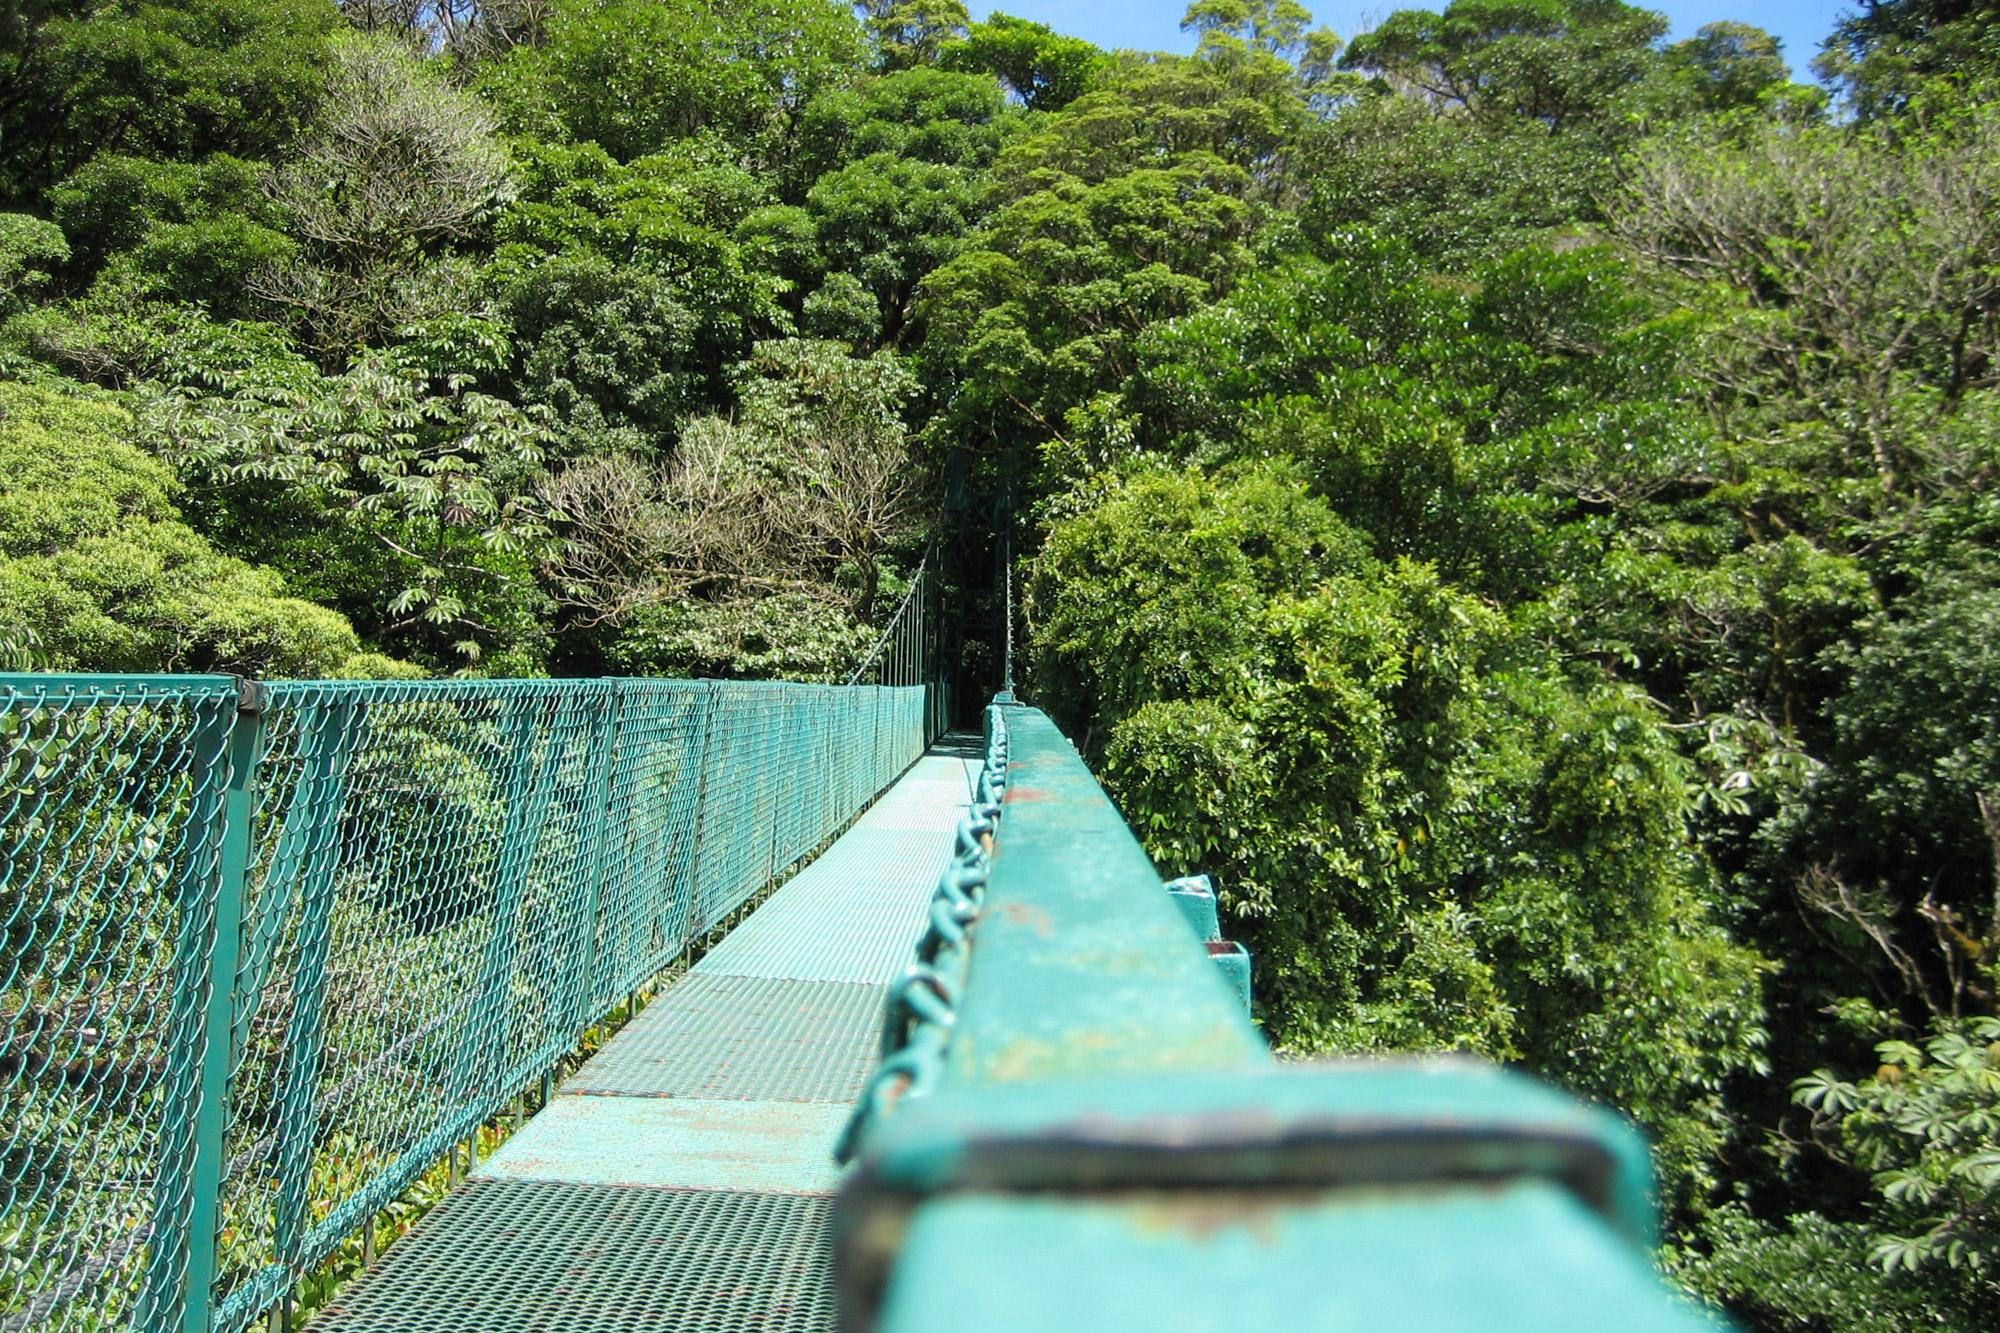 5 reden om naar Costa Rica te reizen - Volop activieiten: hangbruggen